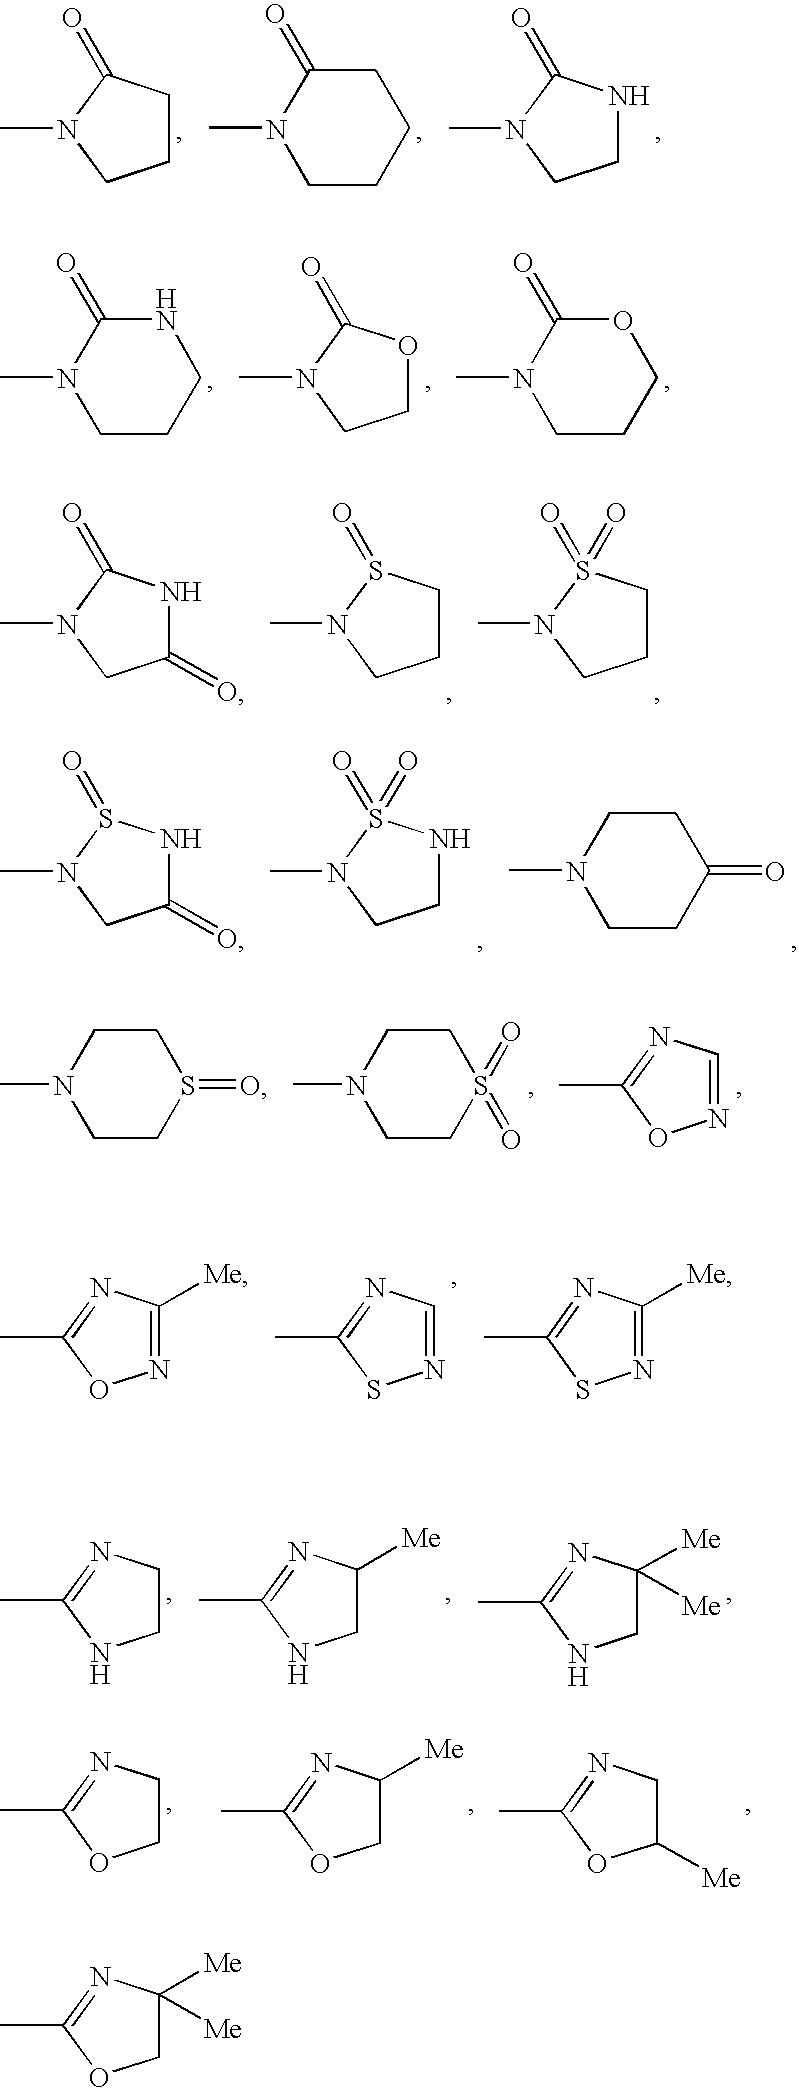 Figure US20070049593A1-20070301-C00055